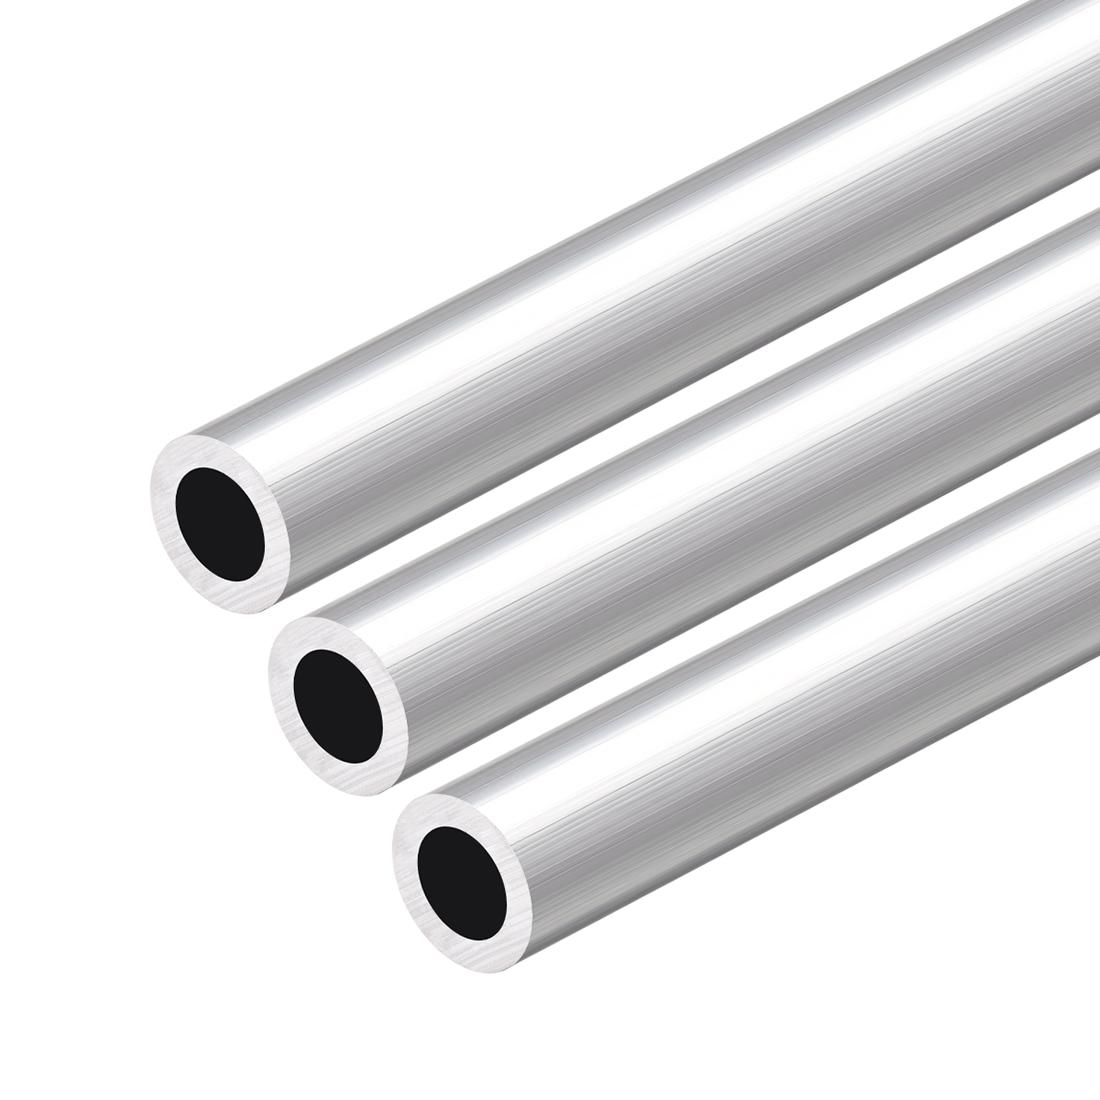 6063 Aluminum Round Tube 300mm Length 17mm OD 11mm Inner Dia Seamless Tube 3 Pcs